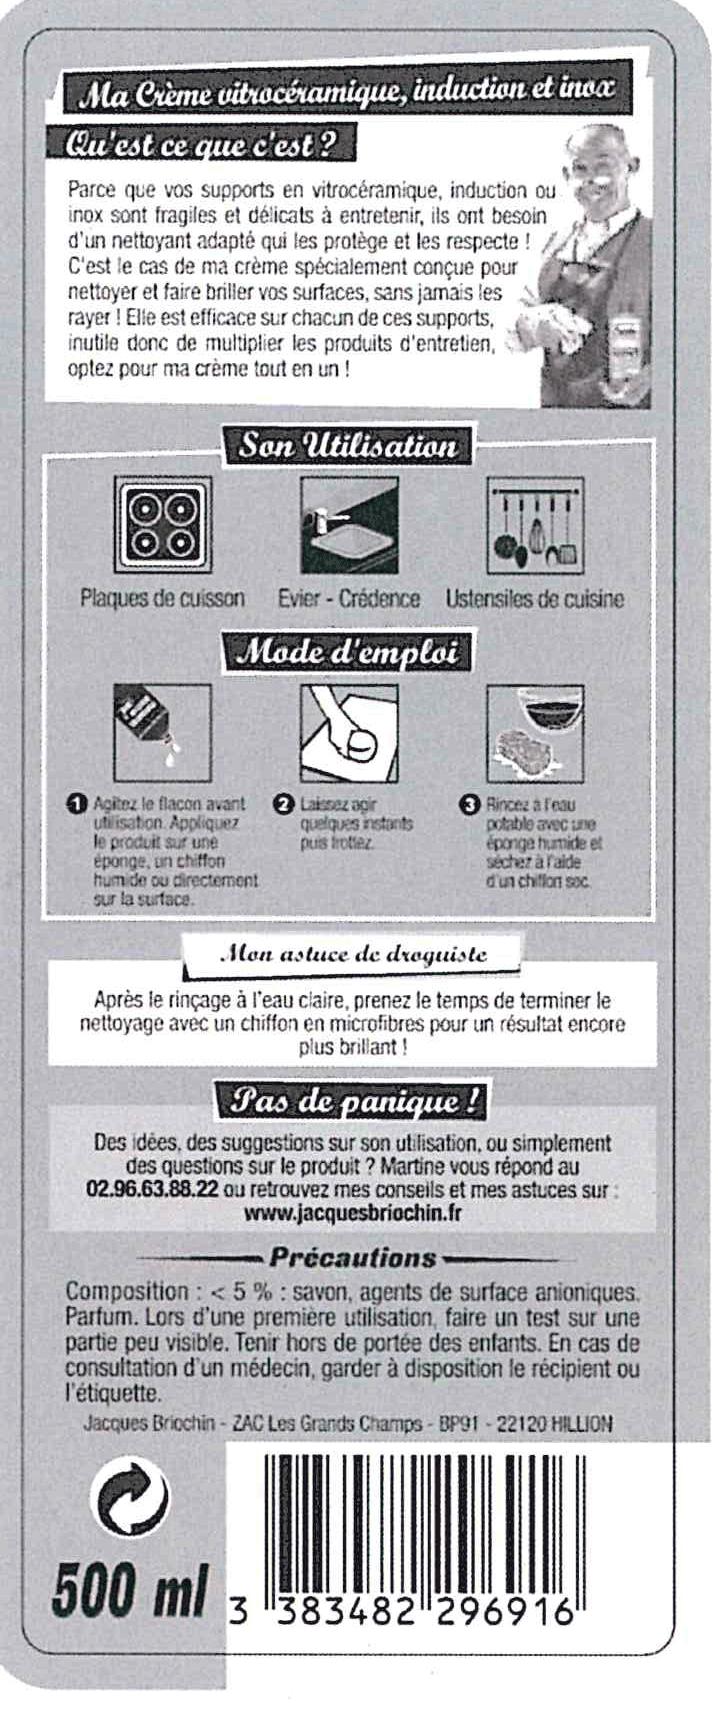 Produit Pour Nettoyer Plaque À Induction crème vitrocéramique induction et inox